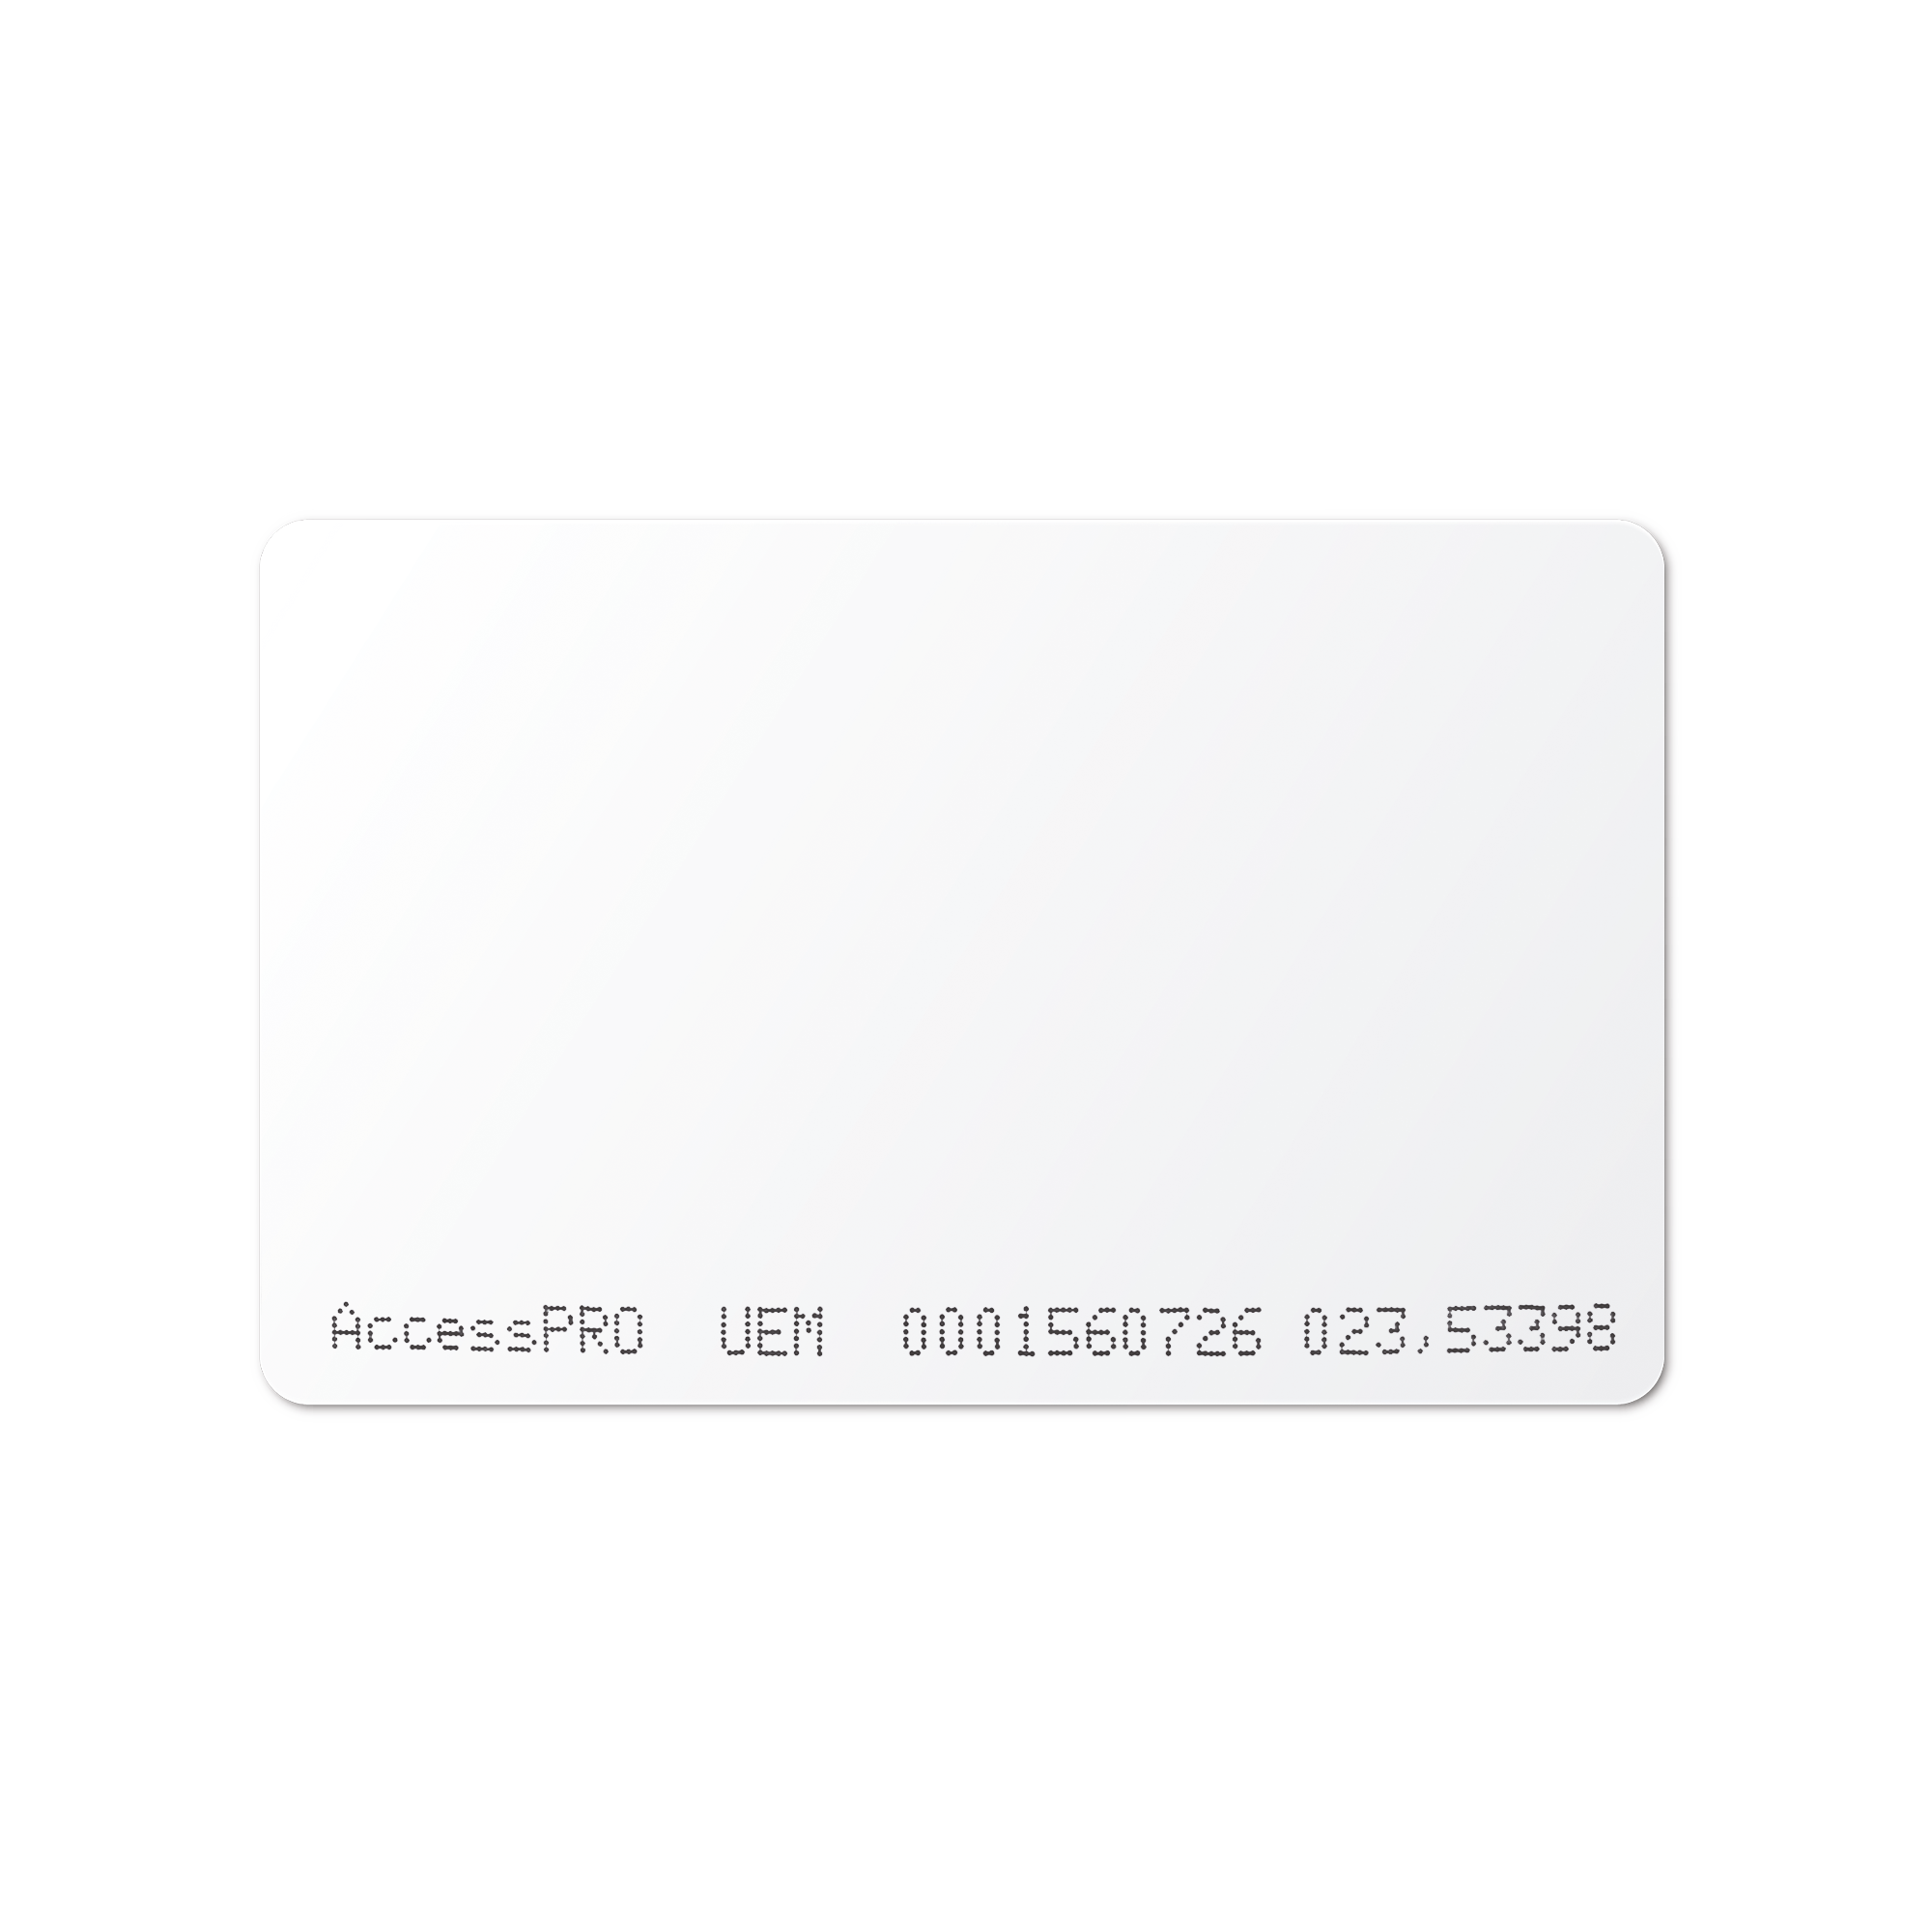 Tarjeta Tecnologia Dual: RFID (UHF) 900 MHz/Proximidad 125 kHz para Uso en Oficinas y Estacionamientos